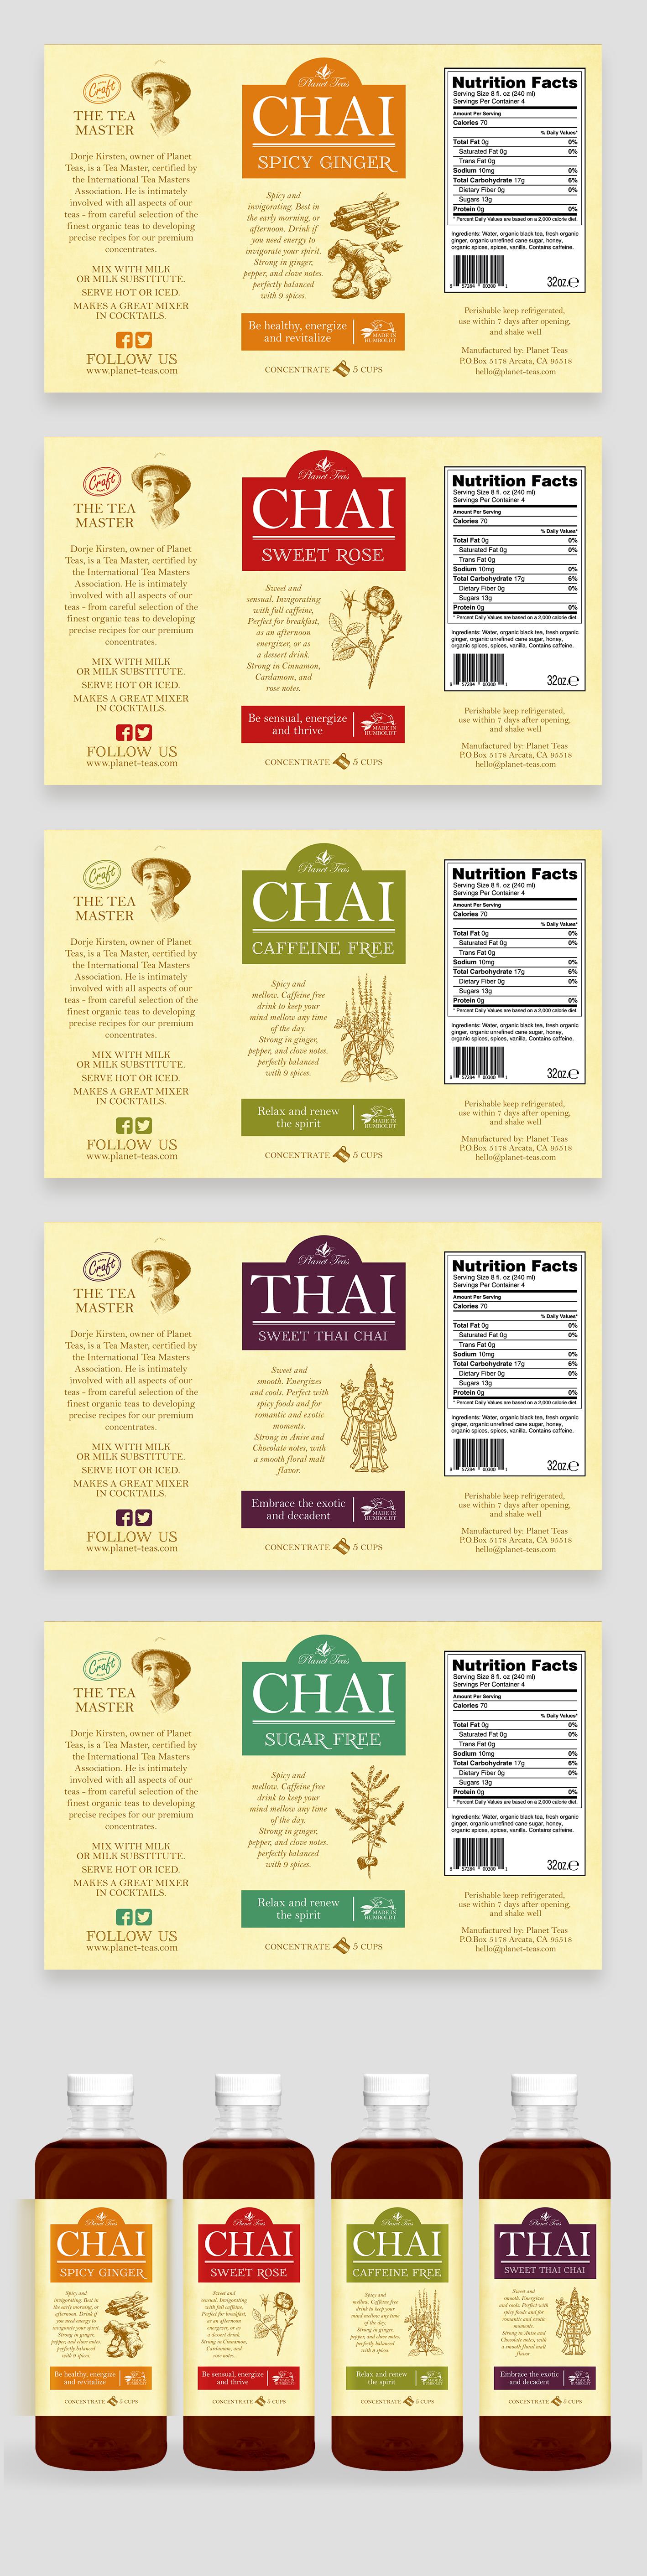 design a rebrand of quart bottle labels for Planet Teas premium craft chai concentrates